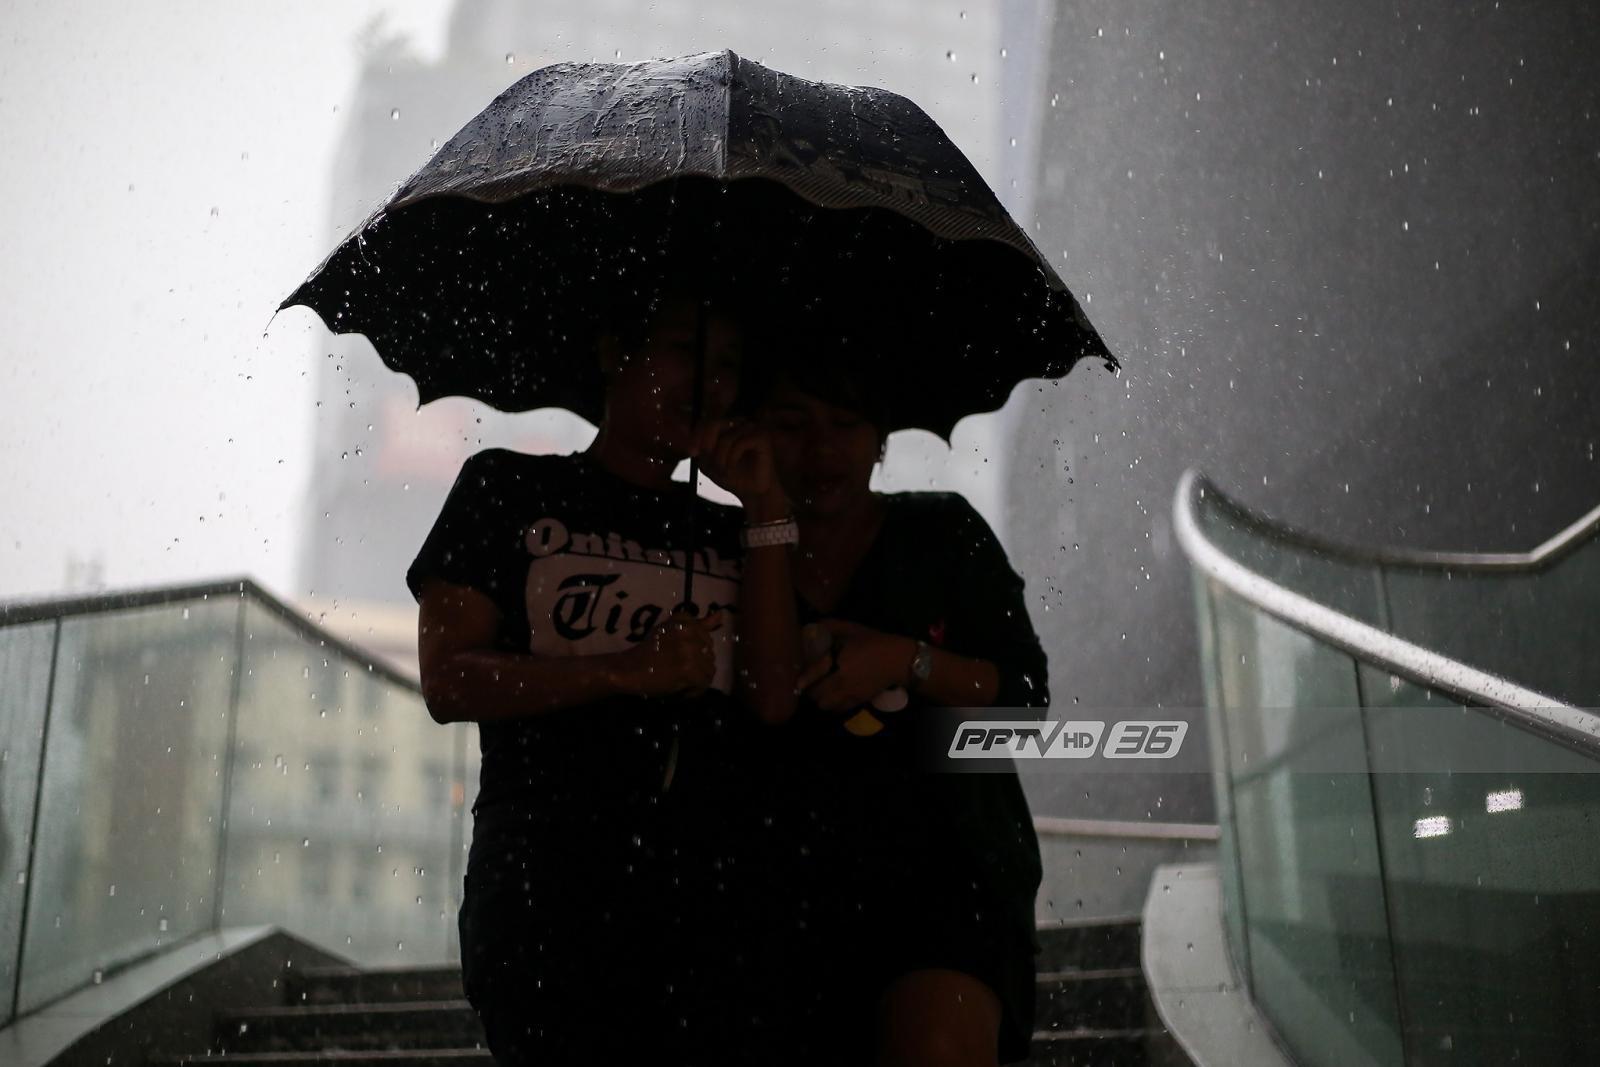 อุตุฯ เตือน 17-19 ต.ค. ภาคกลางฝนตกหนัก